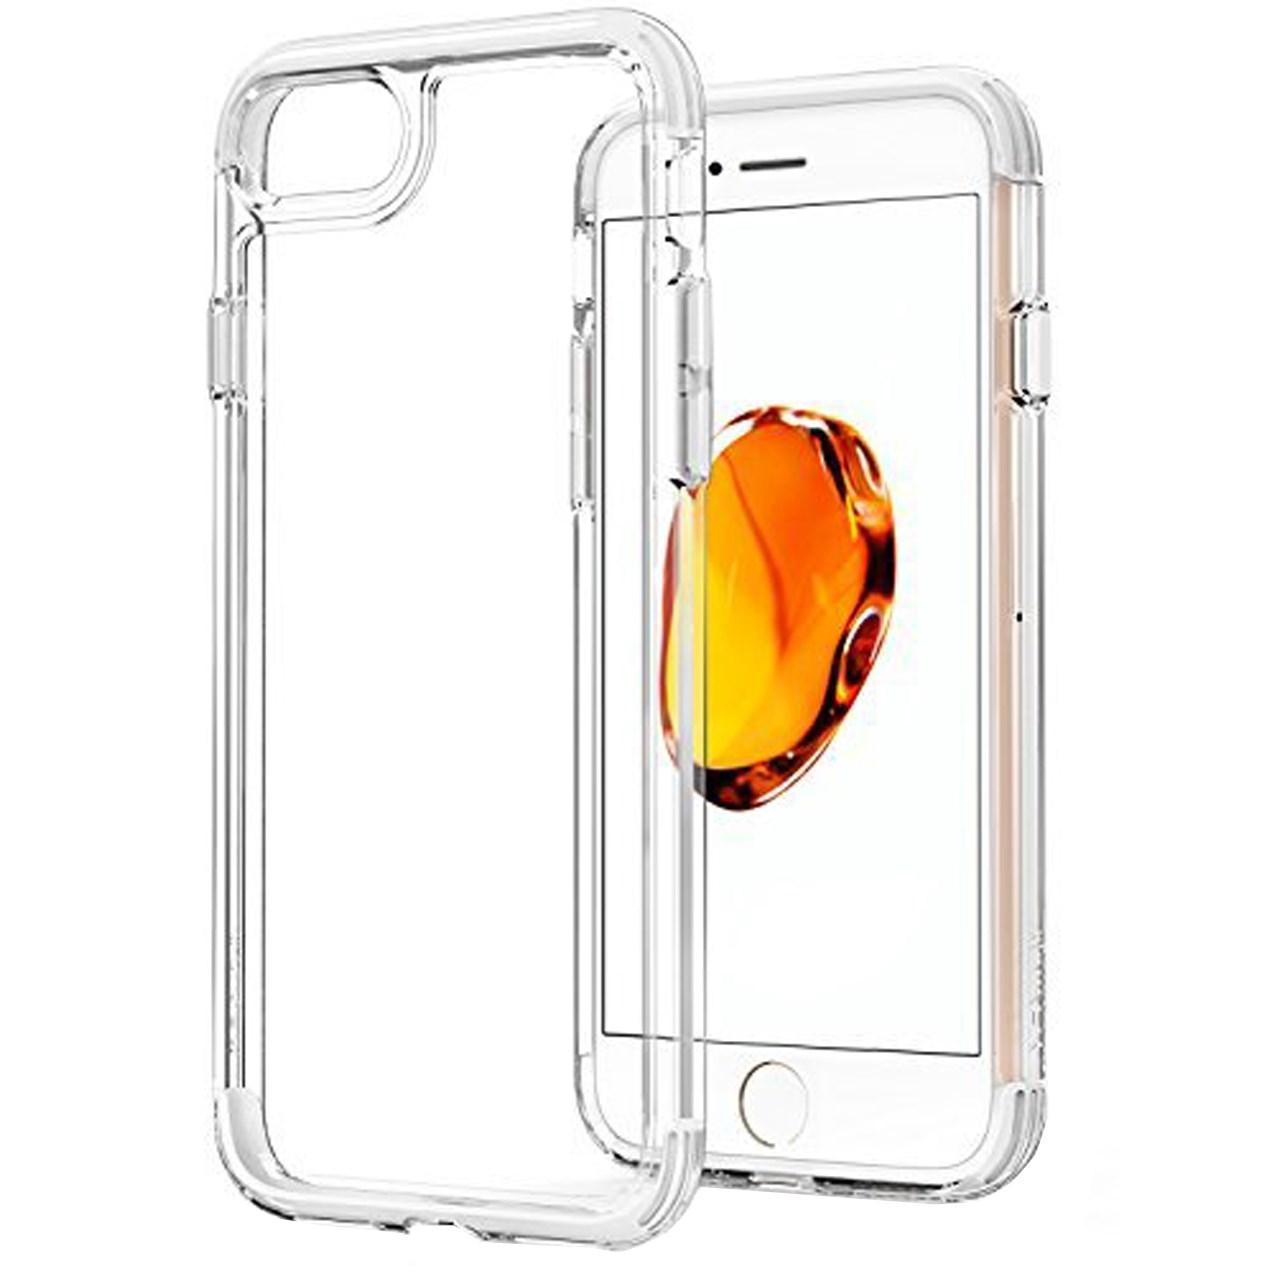 خرید اینترنتی [با تخفیف] کاور انکر مدل A7051 SlimShell مناسب برای گوشی موبایل آیفون 7 پلاس اورجینال